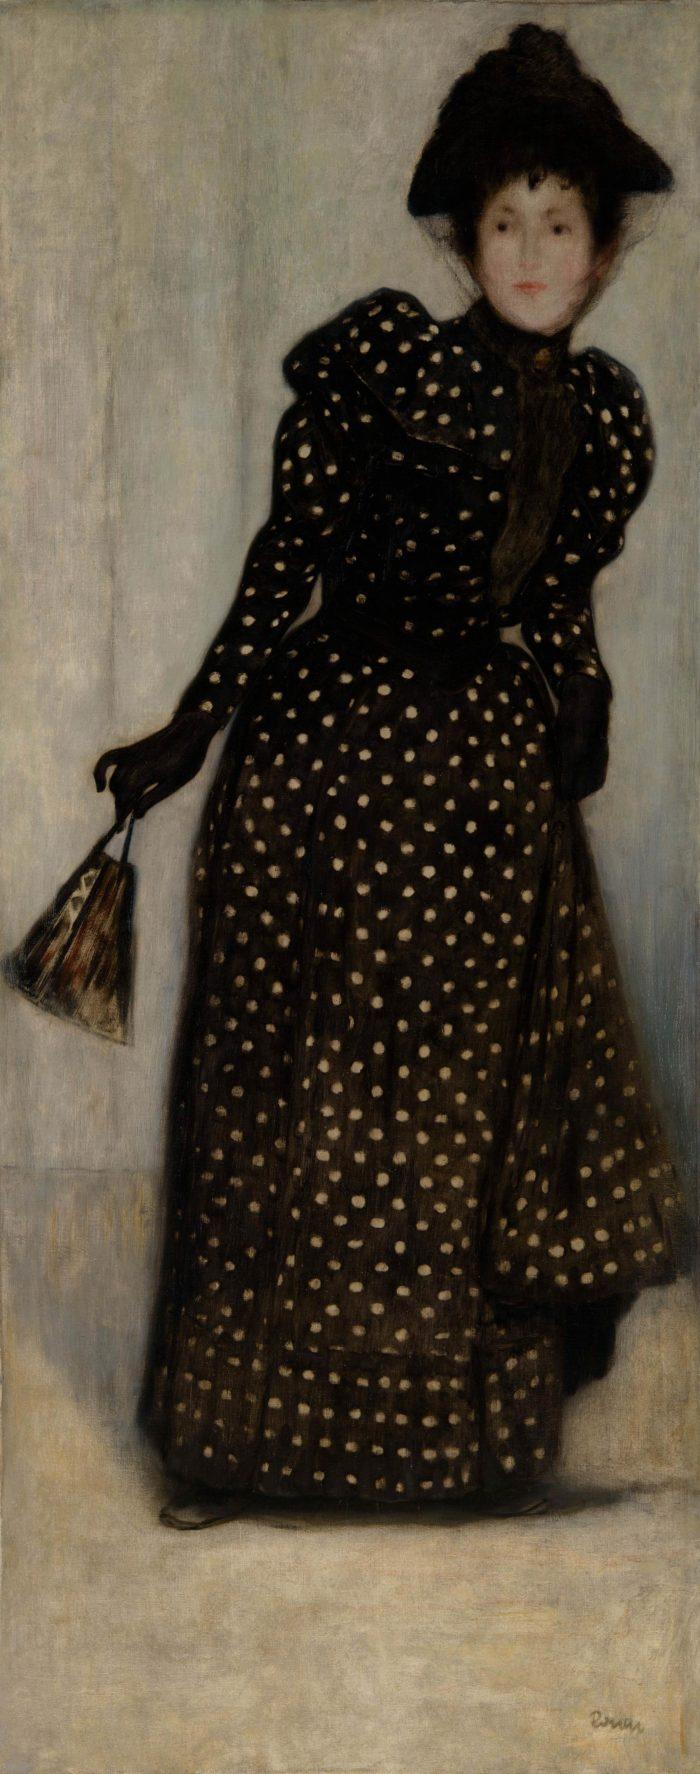 Rippl-Rónai József: Nő fehér pettyes ruhában, 1889 vagy 1892